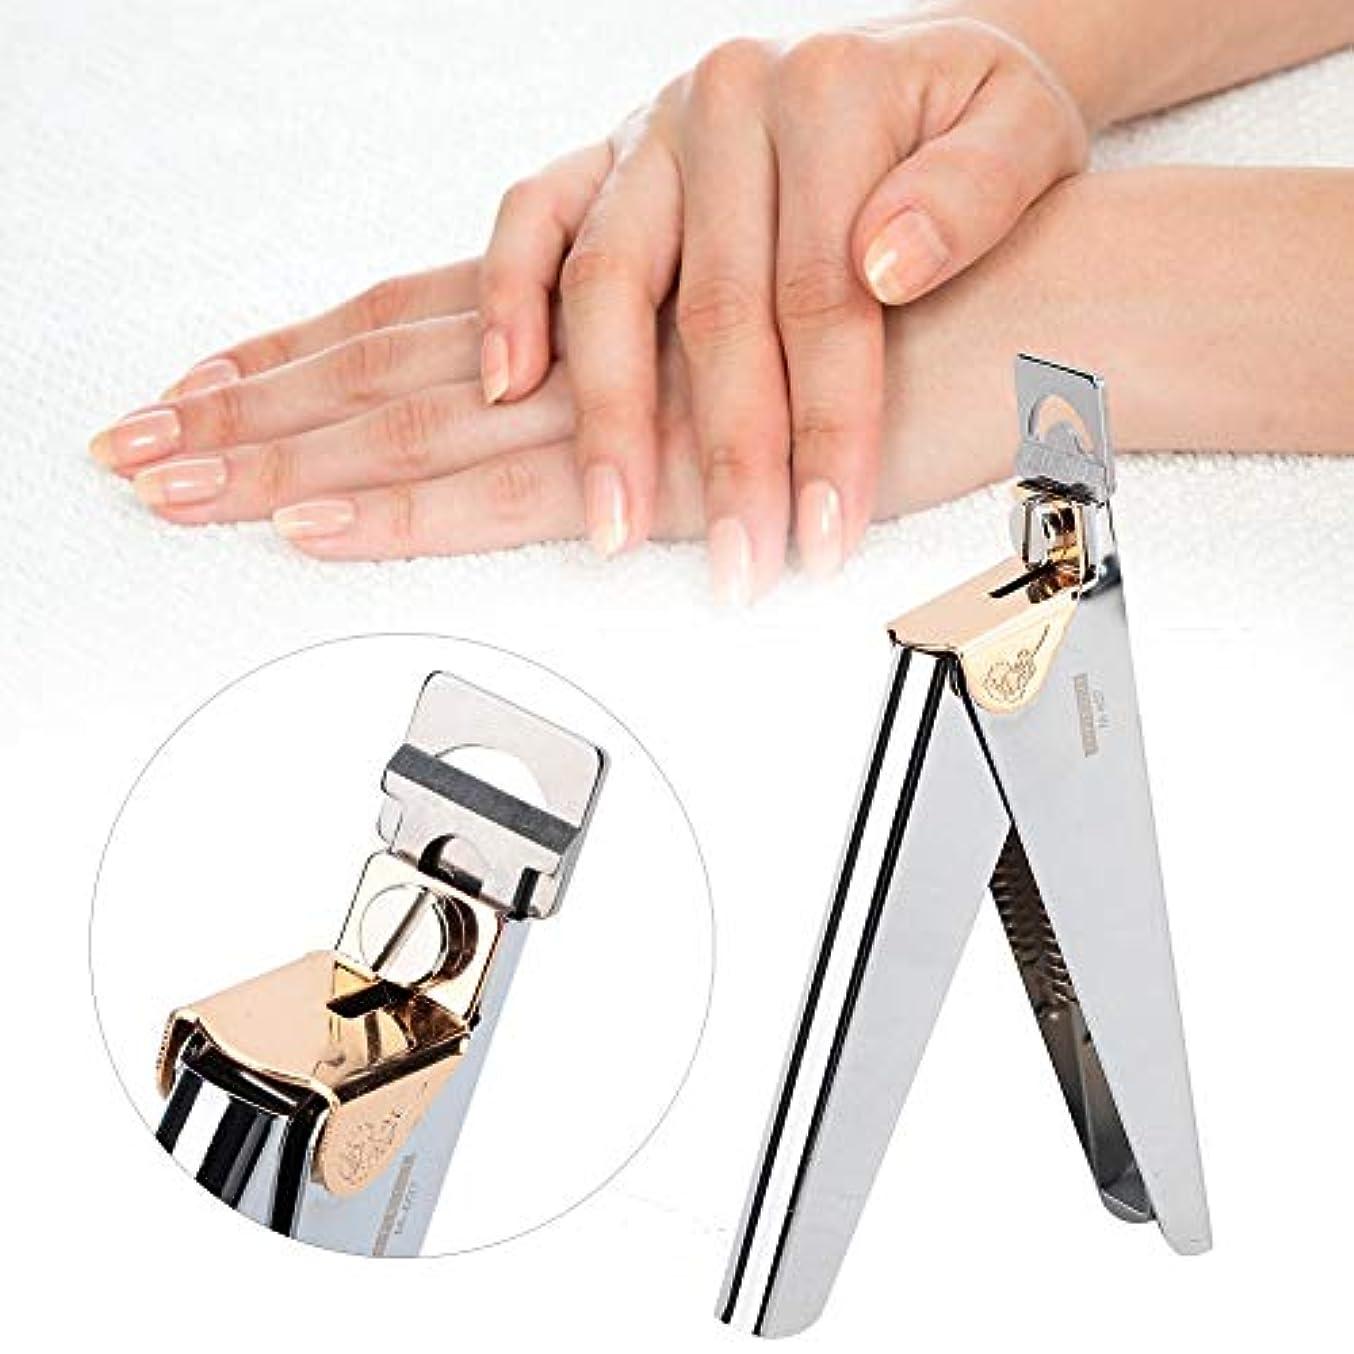 換気する育成ブランド指爪 爪ケア ネイルチップクリッパーカッター フランス式 プロ U字型ネイルアートクリッパーはさみ - マニキュア偽ネイルチップカッター - ステンレス鋼